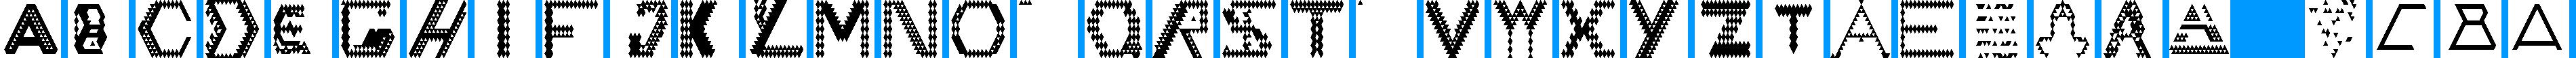 Particip-a-type v.203